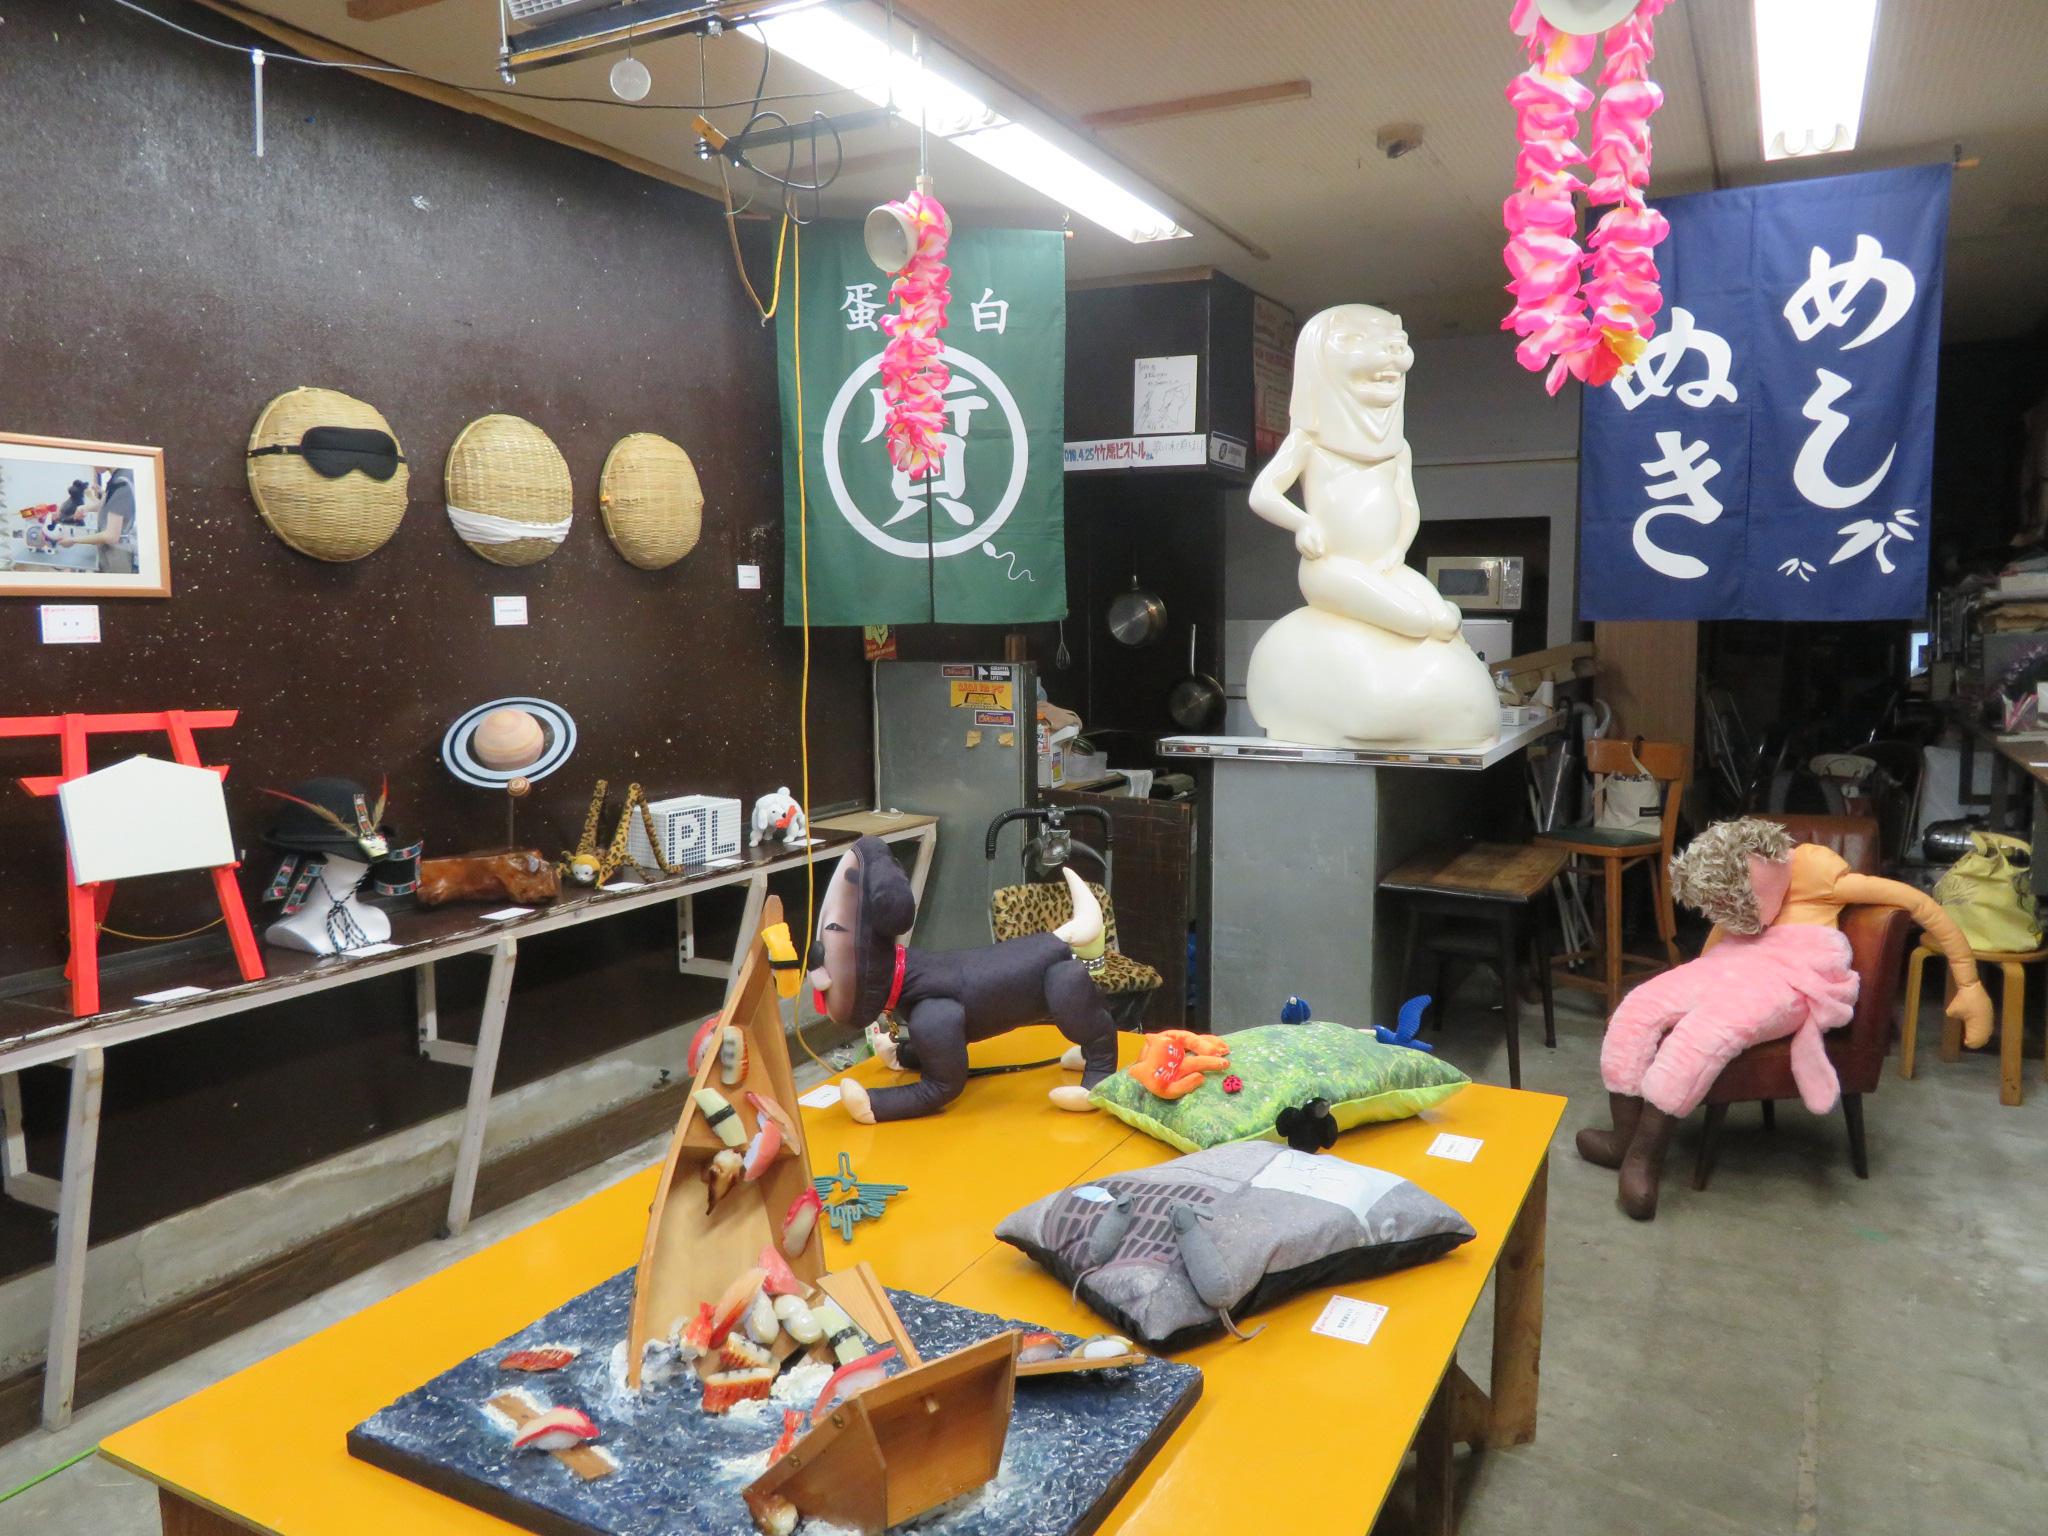 「三和市場」で展示の、現代美術二等兵『ファンシーゾーン尼ゾン』。作家は自らの作品を「駄美術」を称しており、芸術家生命をかけて「くだらなさ」を追求